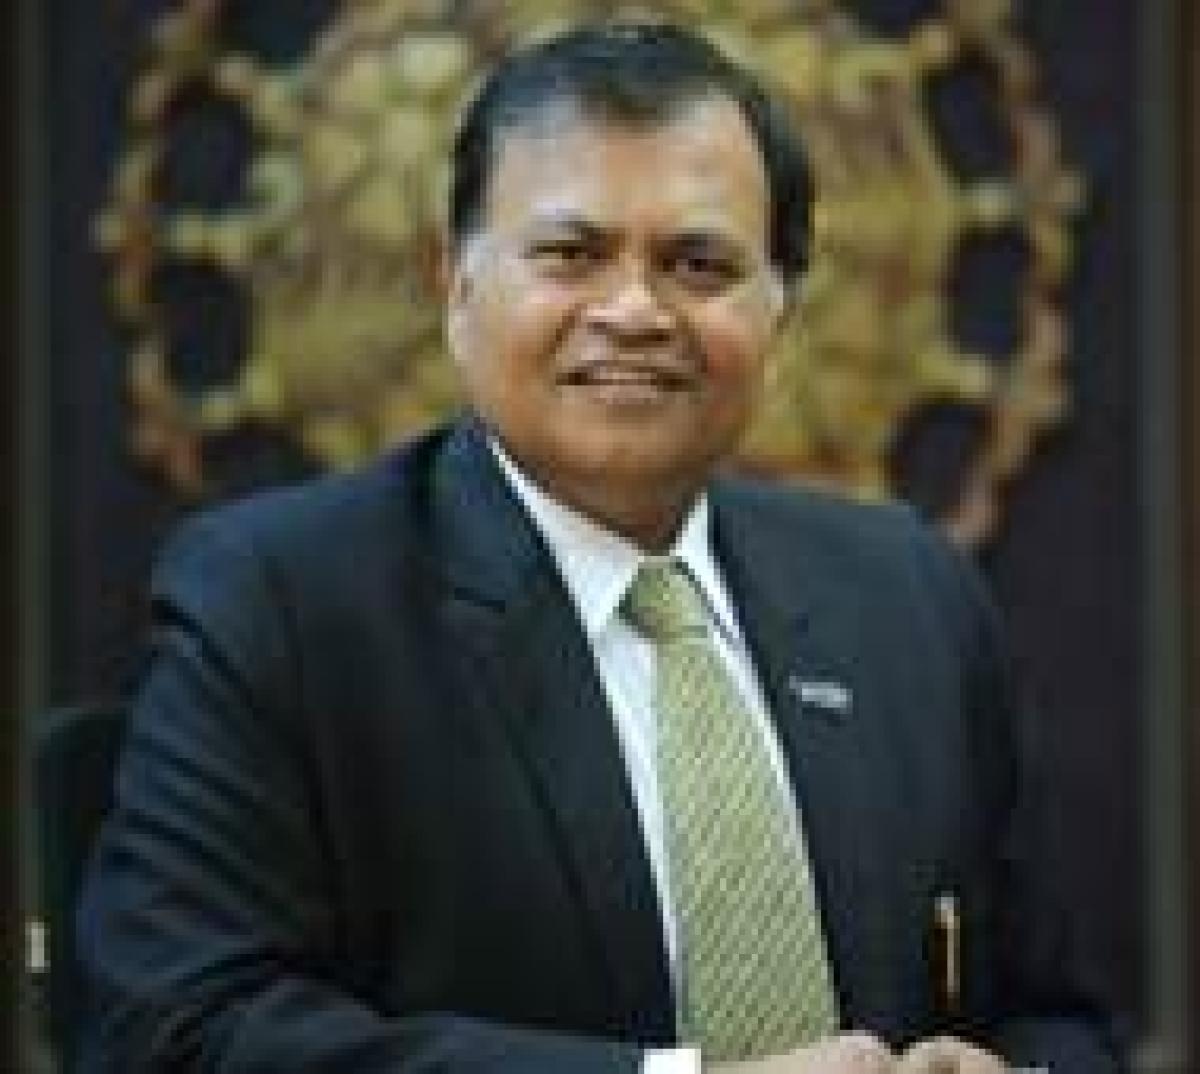 Budget 2016 Reactions: Sunil Kanoria, ASSOCHAM President